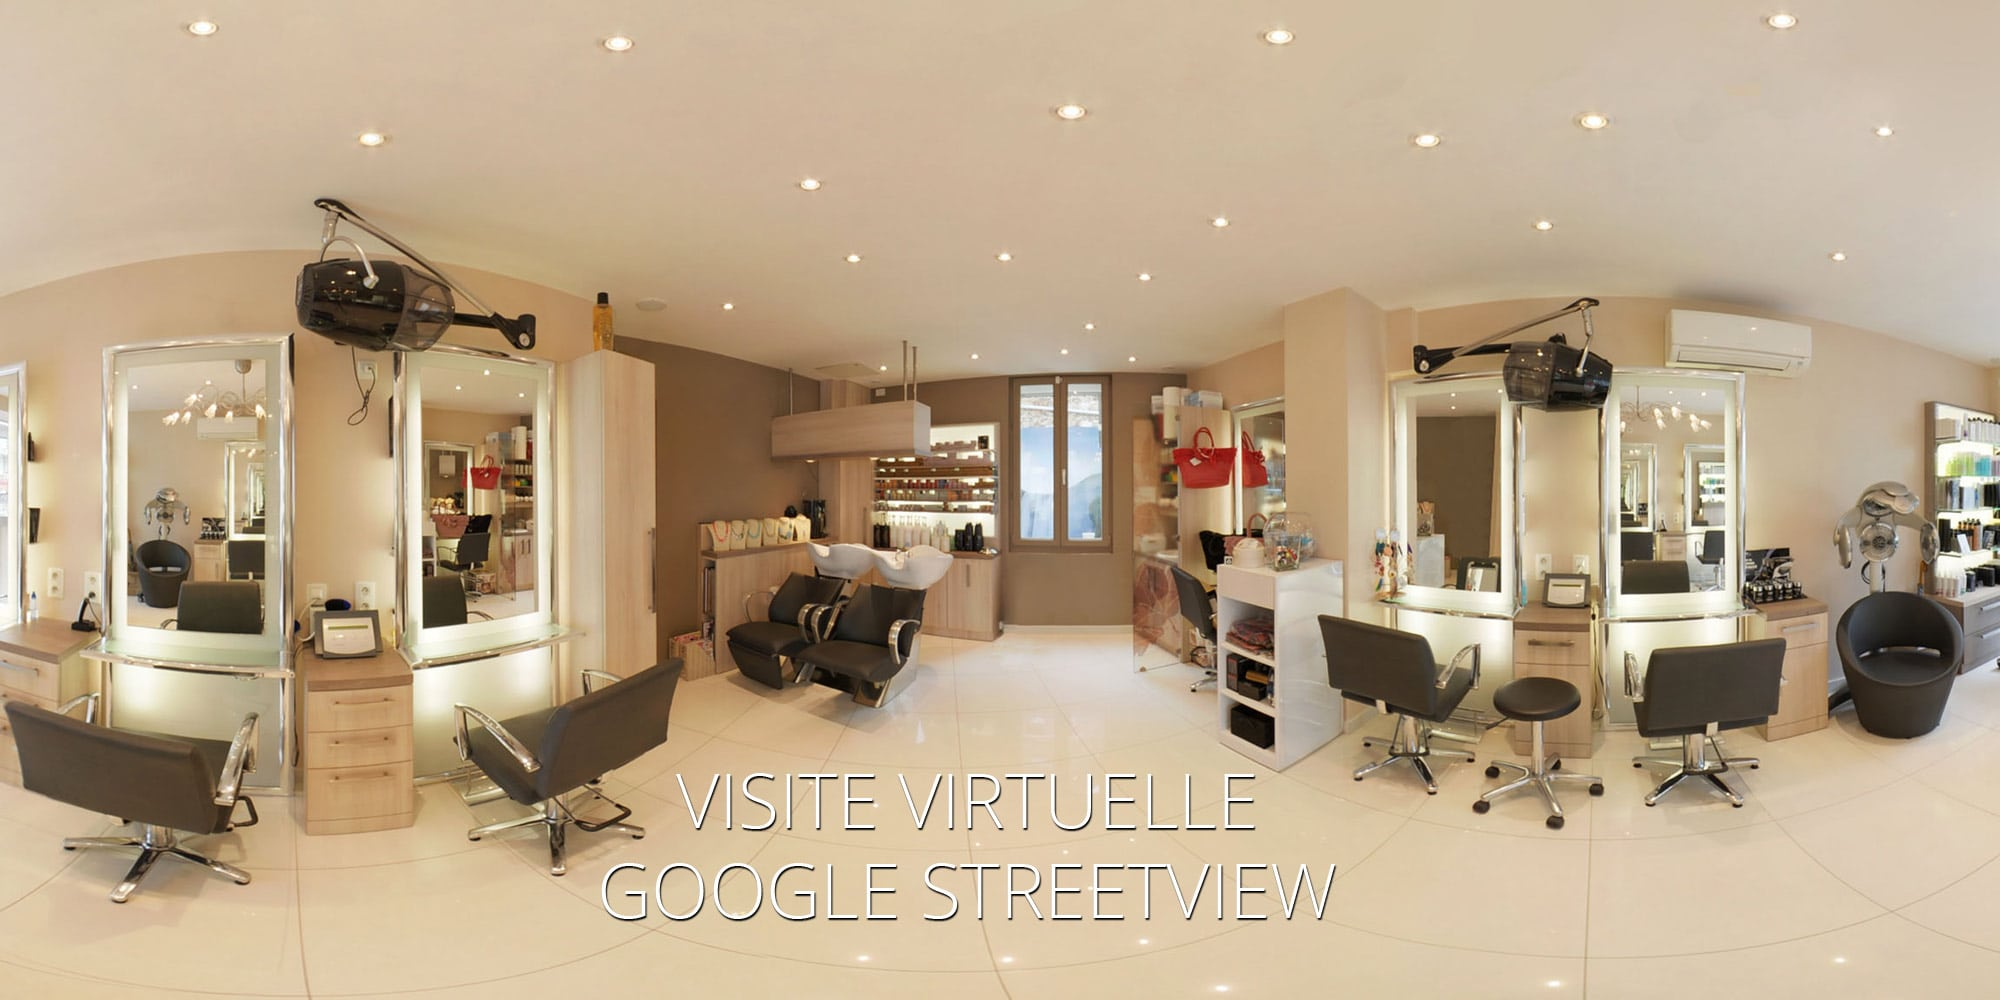 Instants-clichés-photographe-la-rochelle-charente-maritime-17-rochefort-surgeres-visite_virtuelle_google_streetview